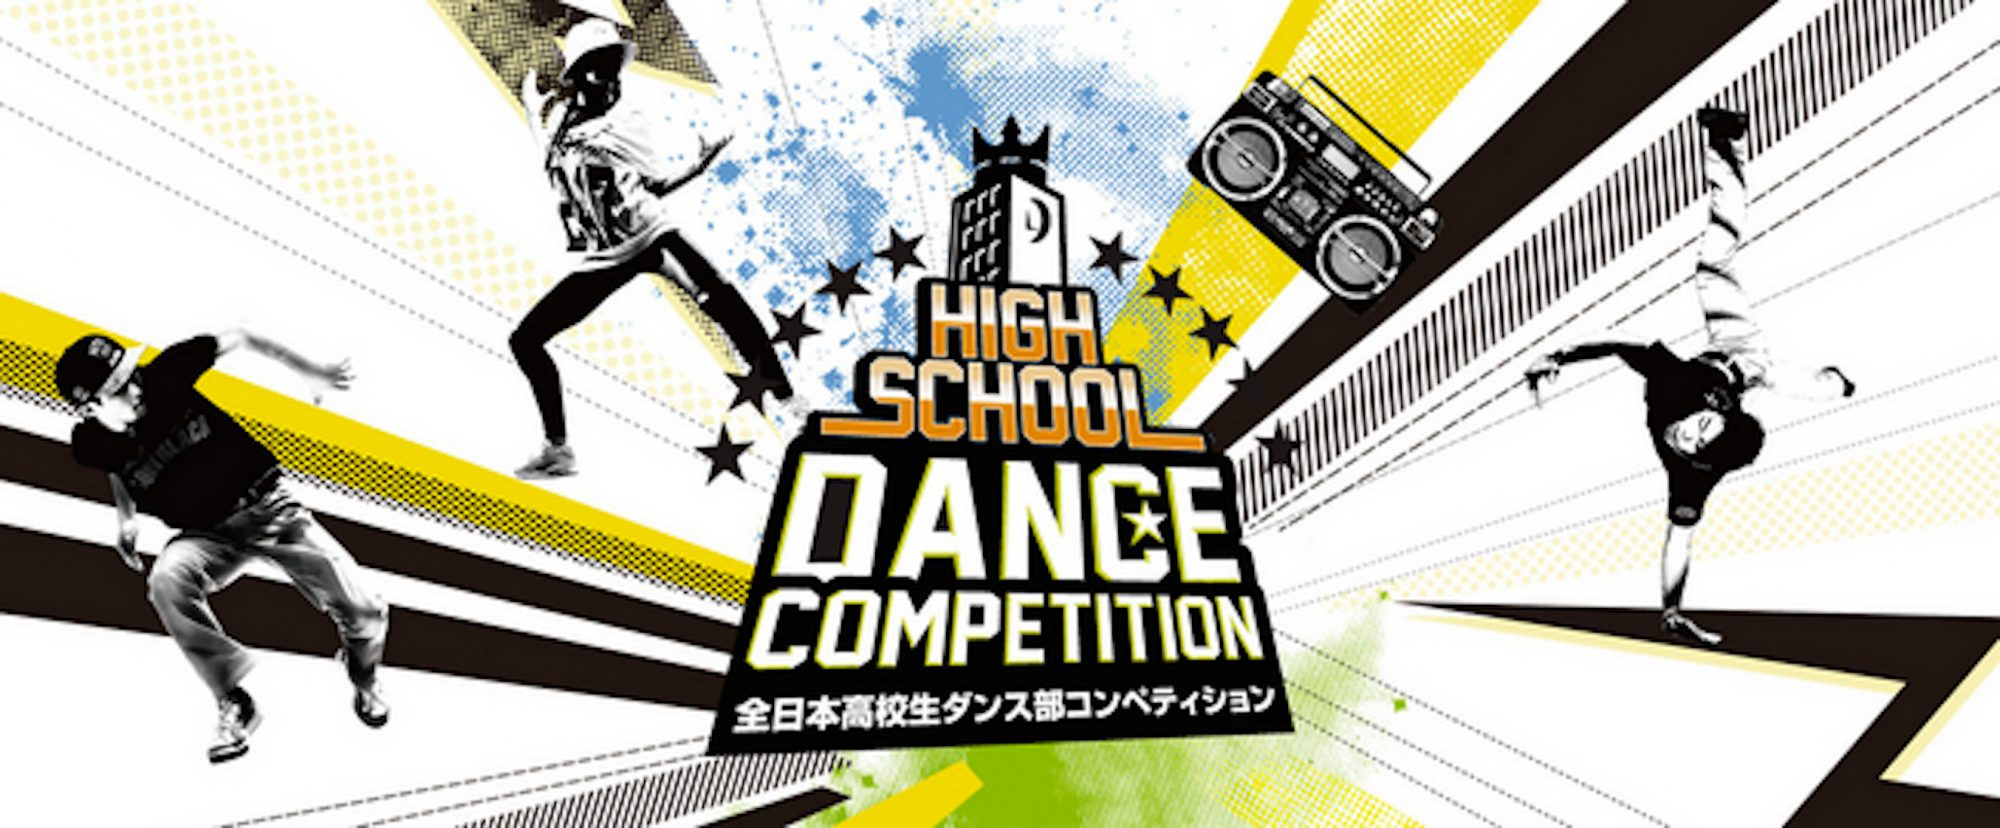 日本一の高校ダンス部が決まる!全日本高校生ダンス部コンペティション「HIGH SCHOOL DANCE COMPETITION」開催!